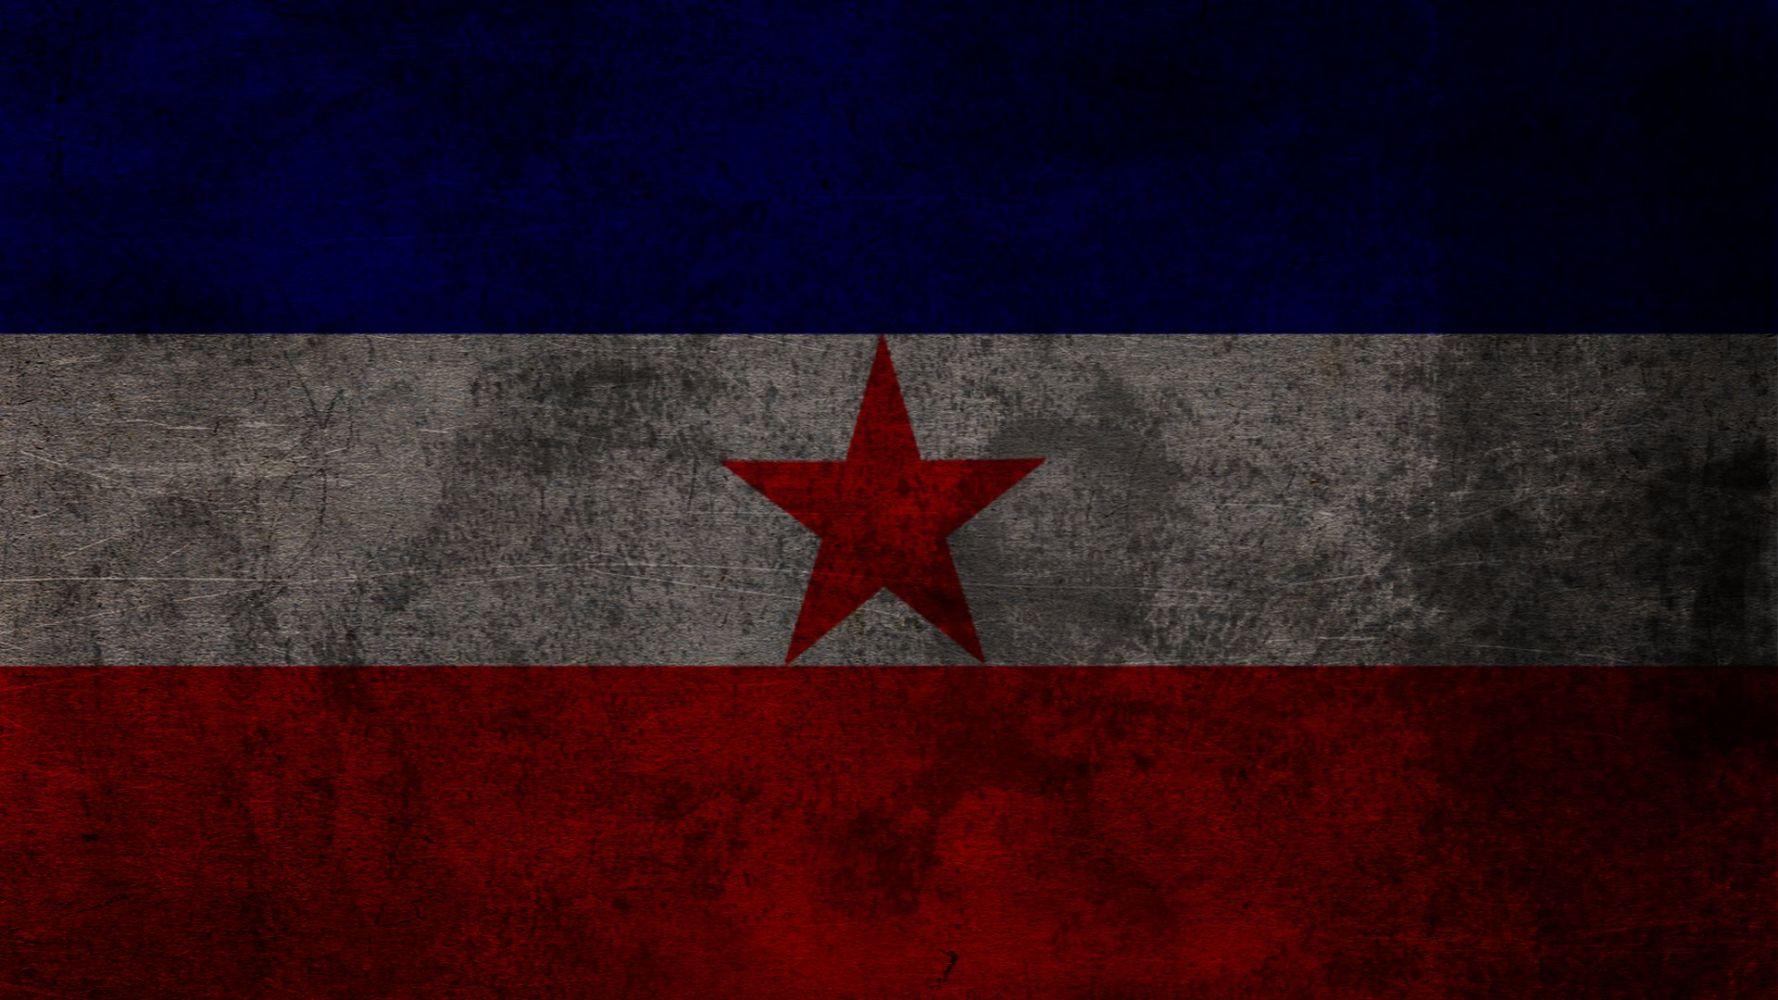 менее флаг югославии картинки горняк находится шаговой